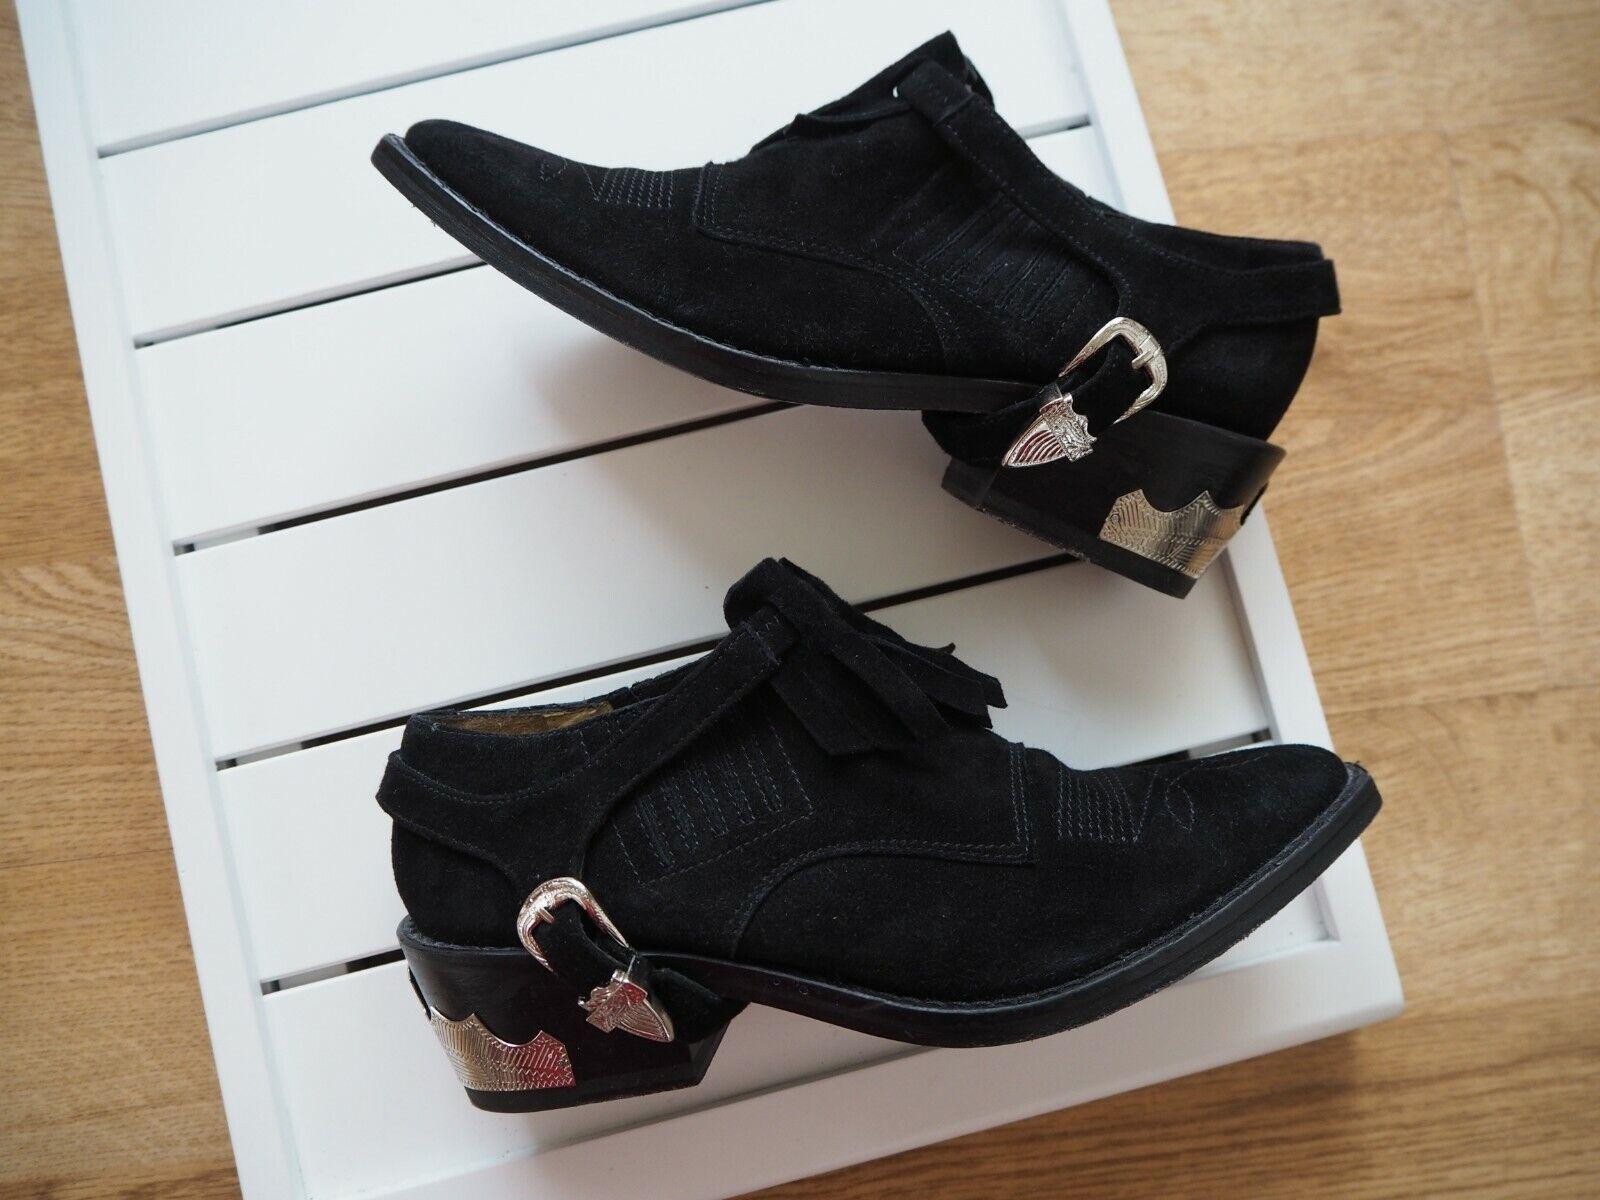 Reino Unido 2 UE 35 toga pulla Negro botas botas botas al Tobillo Zapatos De Gamuza Western Puntiagudo Dedos de los pies 70s  en linea